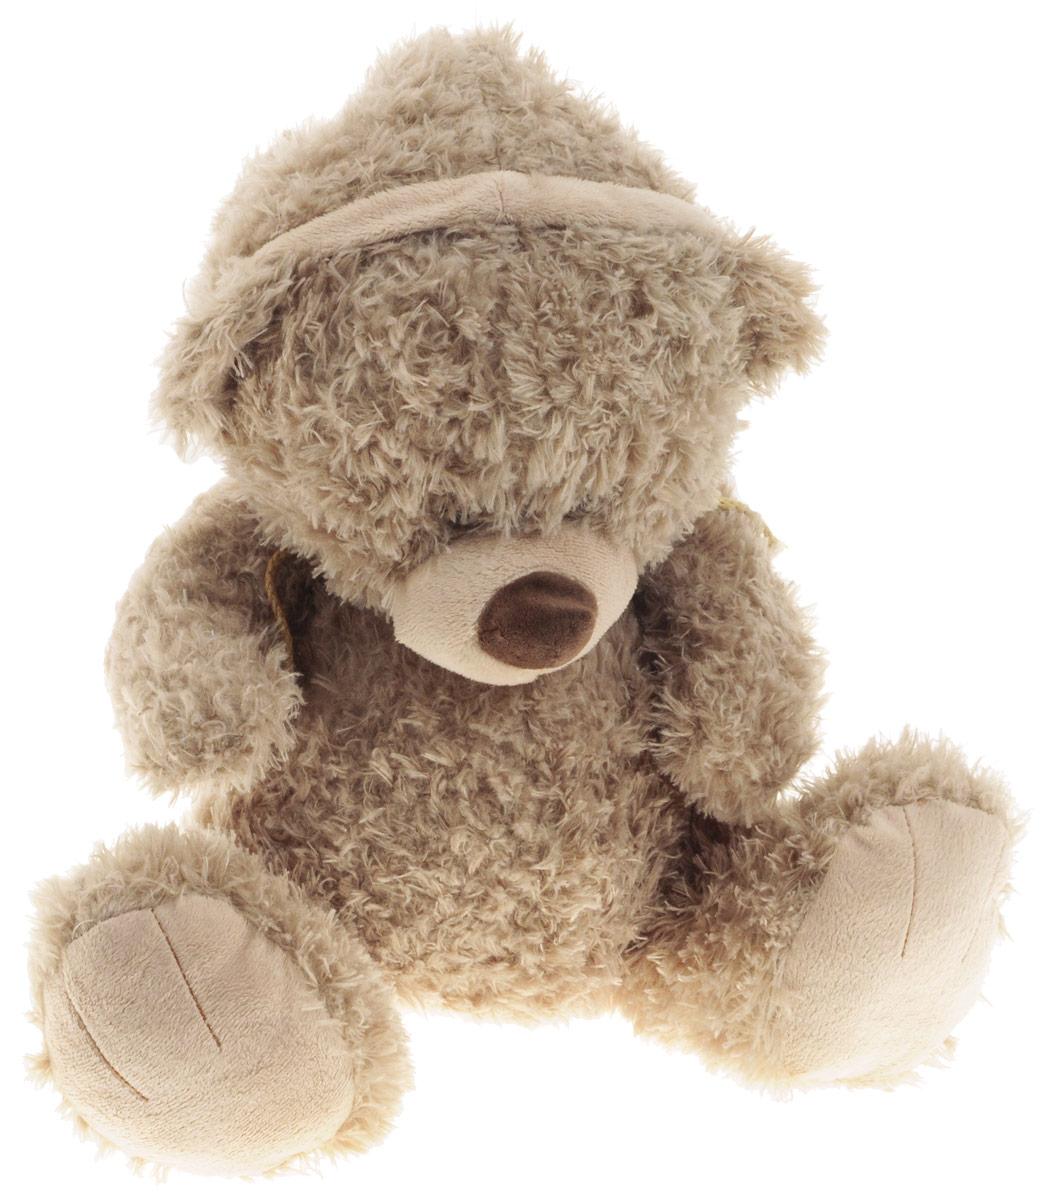 Sonata Style Мягкая игрушка Медведь в капюшоне 40 смGT8312Мягкая игрушка Sonata Style Медведь в капюшоне станет лучшим другом для любого ребенка. Игрушка изготовлена из безопасных, приятных на ощупь текстильных материалов в виде очаровательного медвежонка с капюшоном. У игрушки черные глазки-пуговки и мягкий носик. С такой игрушкой ребенок будет с удовольствием не только играть, но и сладко засыпать. Удивительно мягкая игрушка принесет радость и подарит своему обладателю мгновения нежных объятий и приятных воспоминаний.